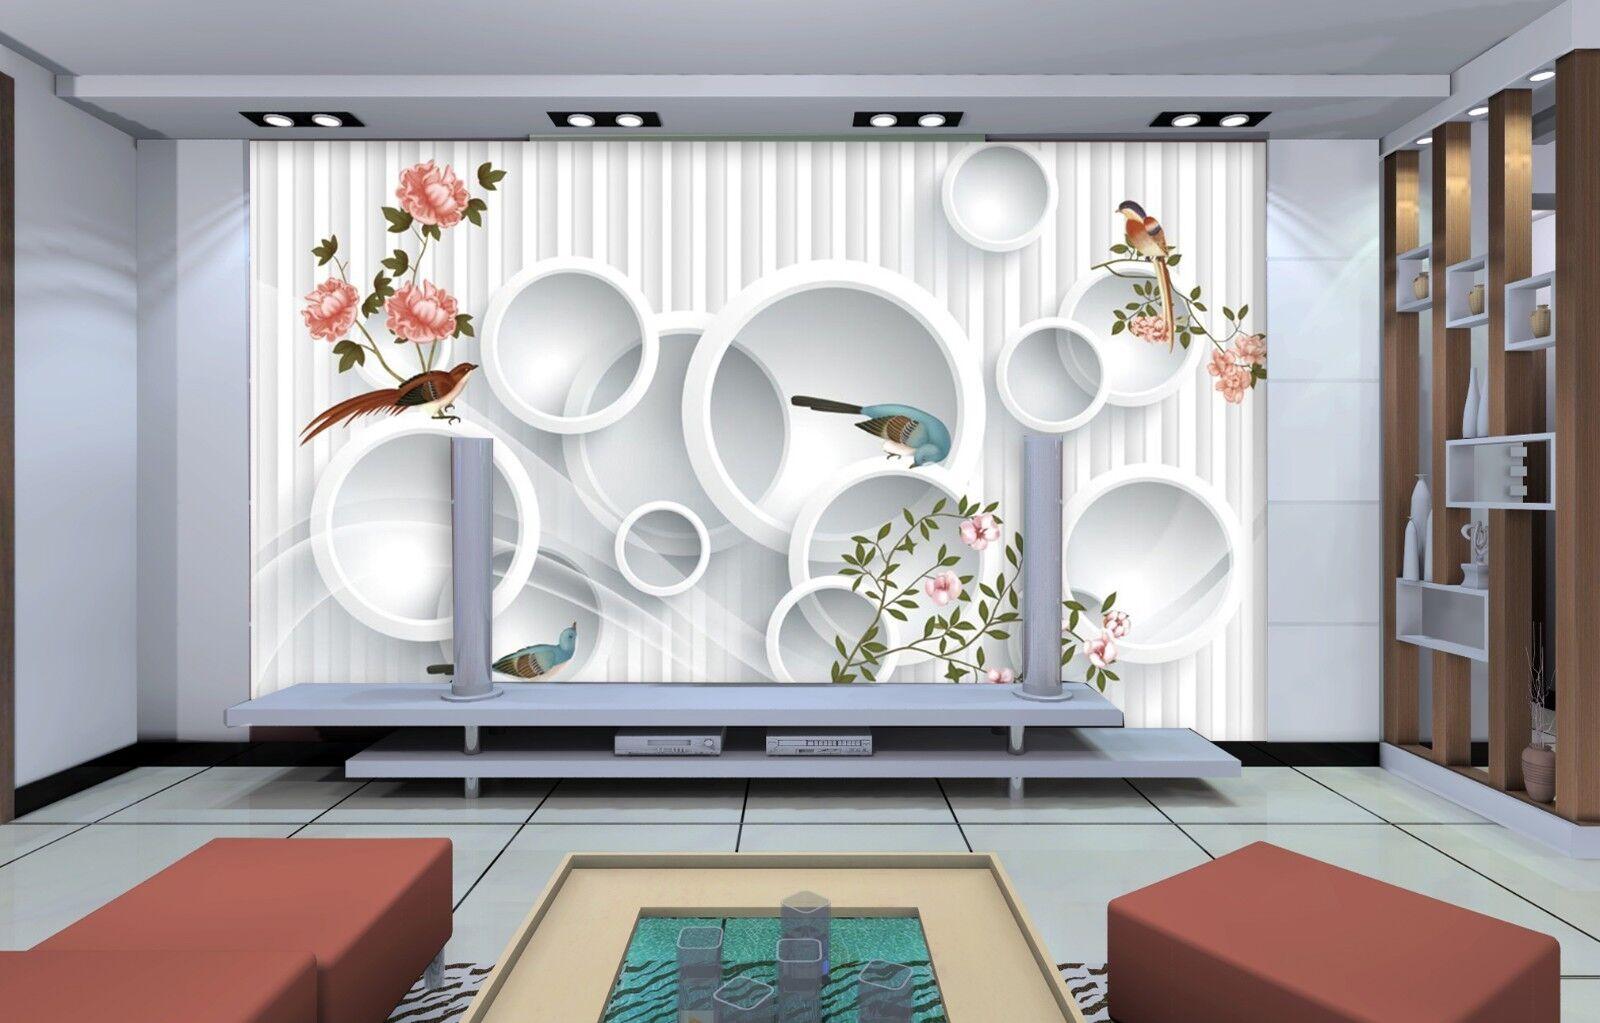 3D Ringe Blaumen Modern 7998 Tapete Wandgemälde Tapeten Bild Familie DE Jenny  | Verschiedene Stile und Stile  | Offizielle Webseite  | Spielzeug mit kindlichen Herzen herstellen